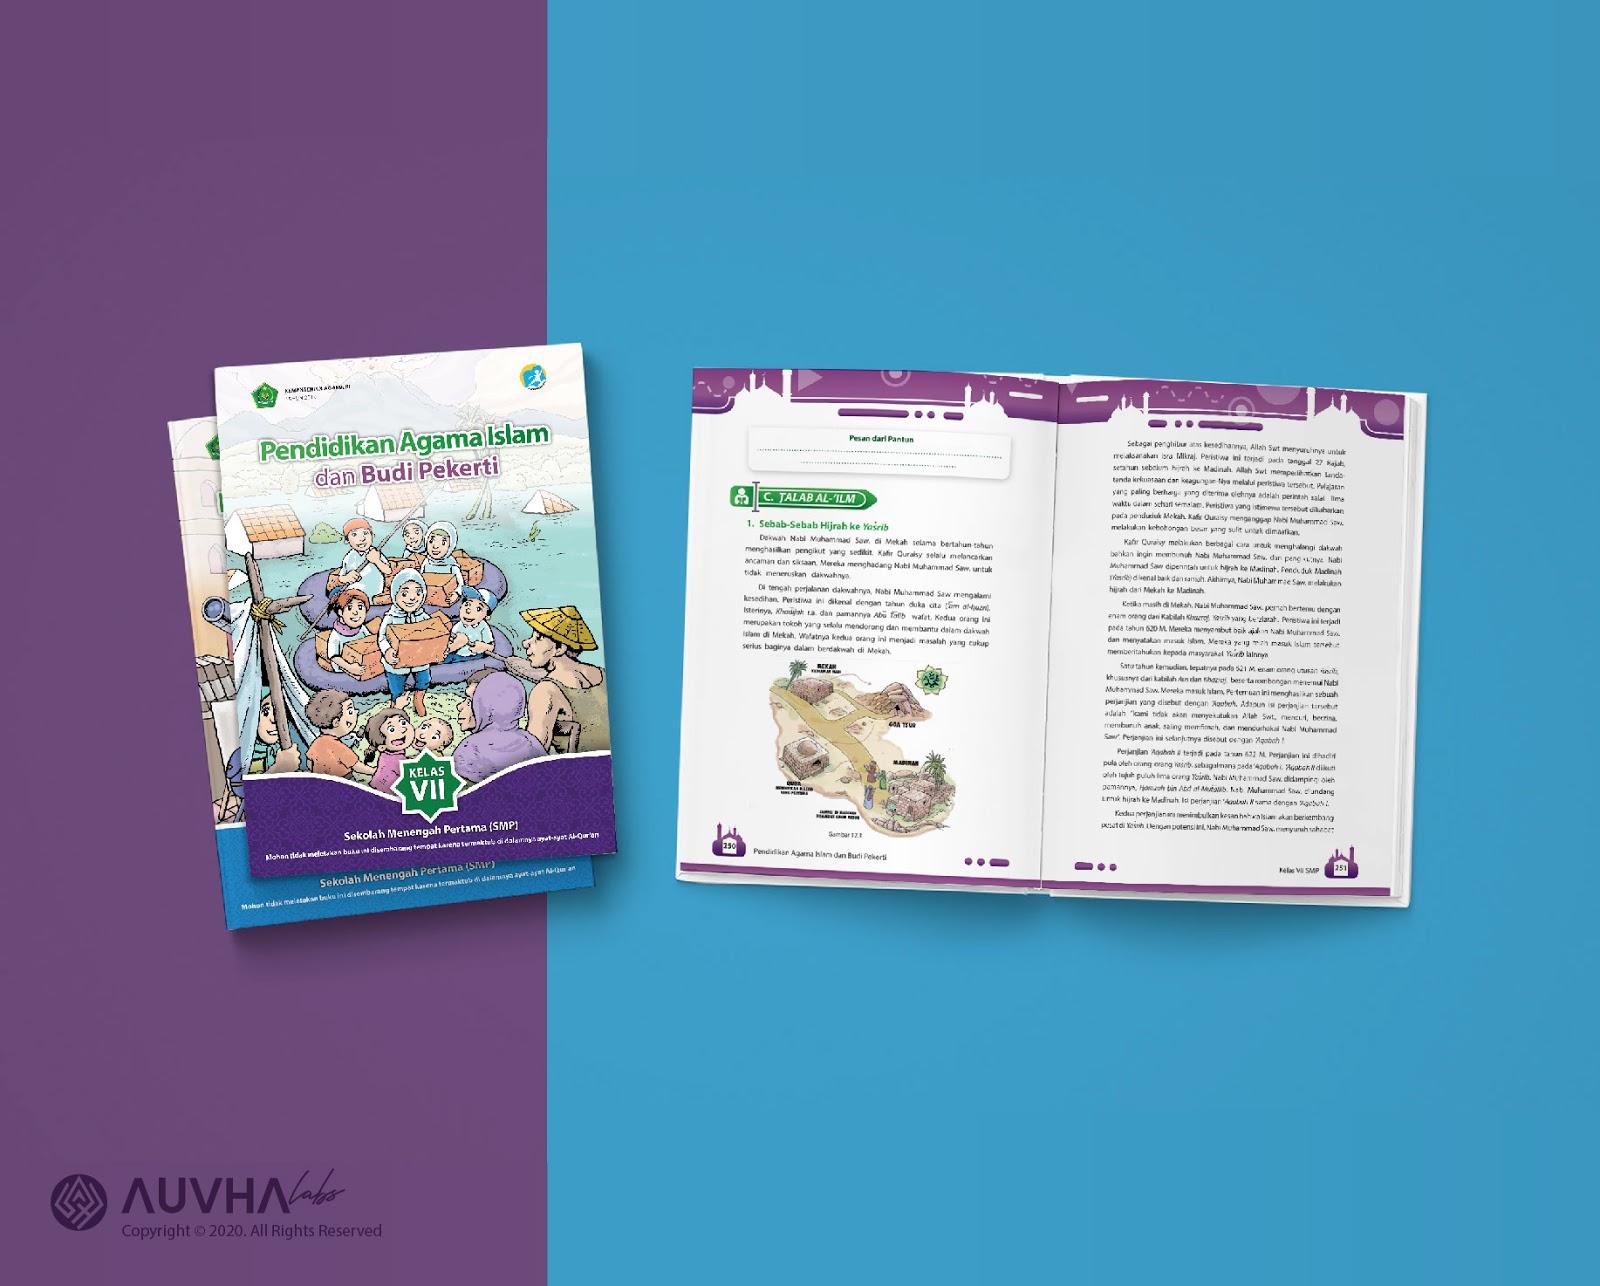 Buku Pendidikan Agama Islam dan Budi Pekerti Kemenag RI